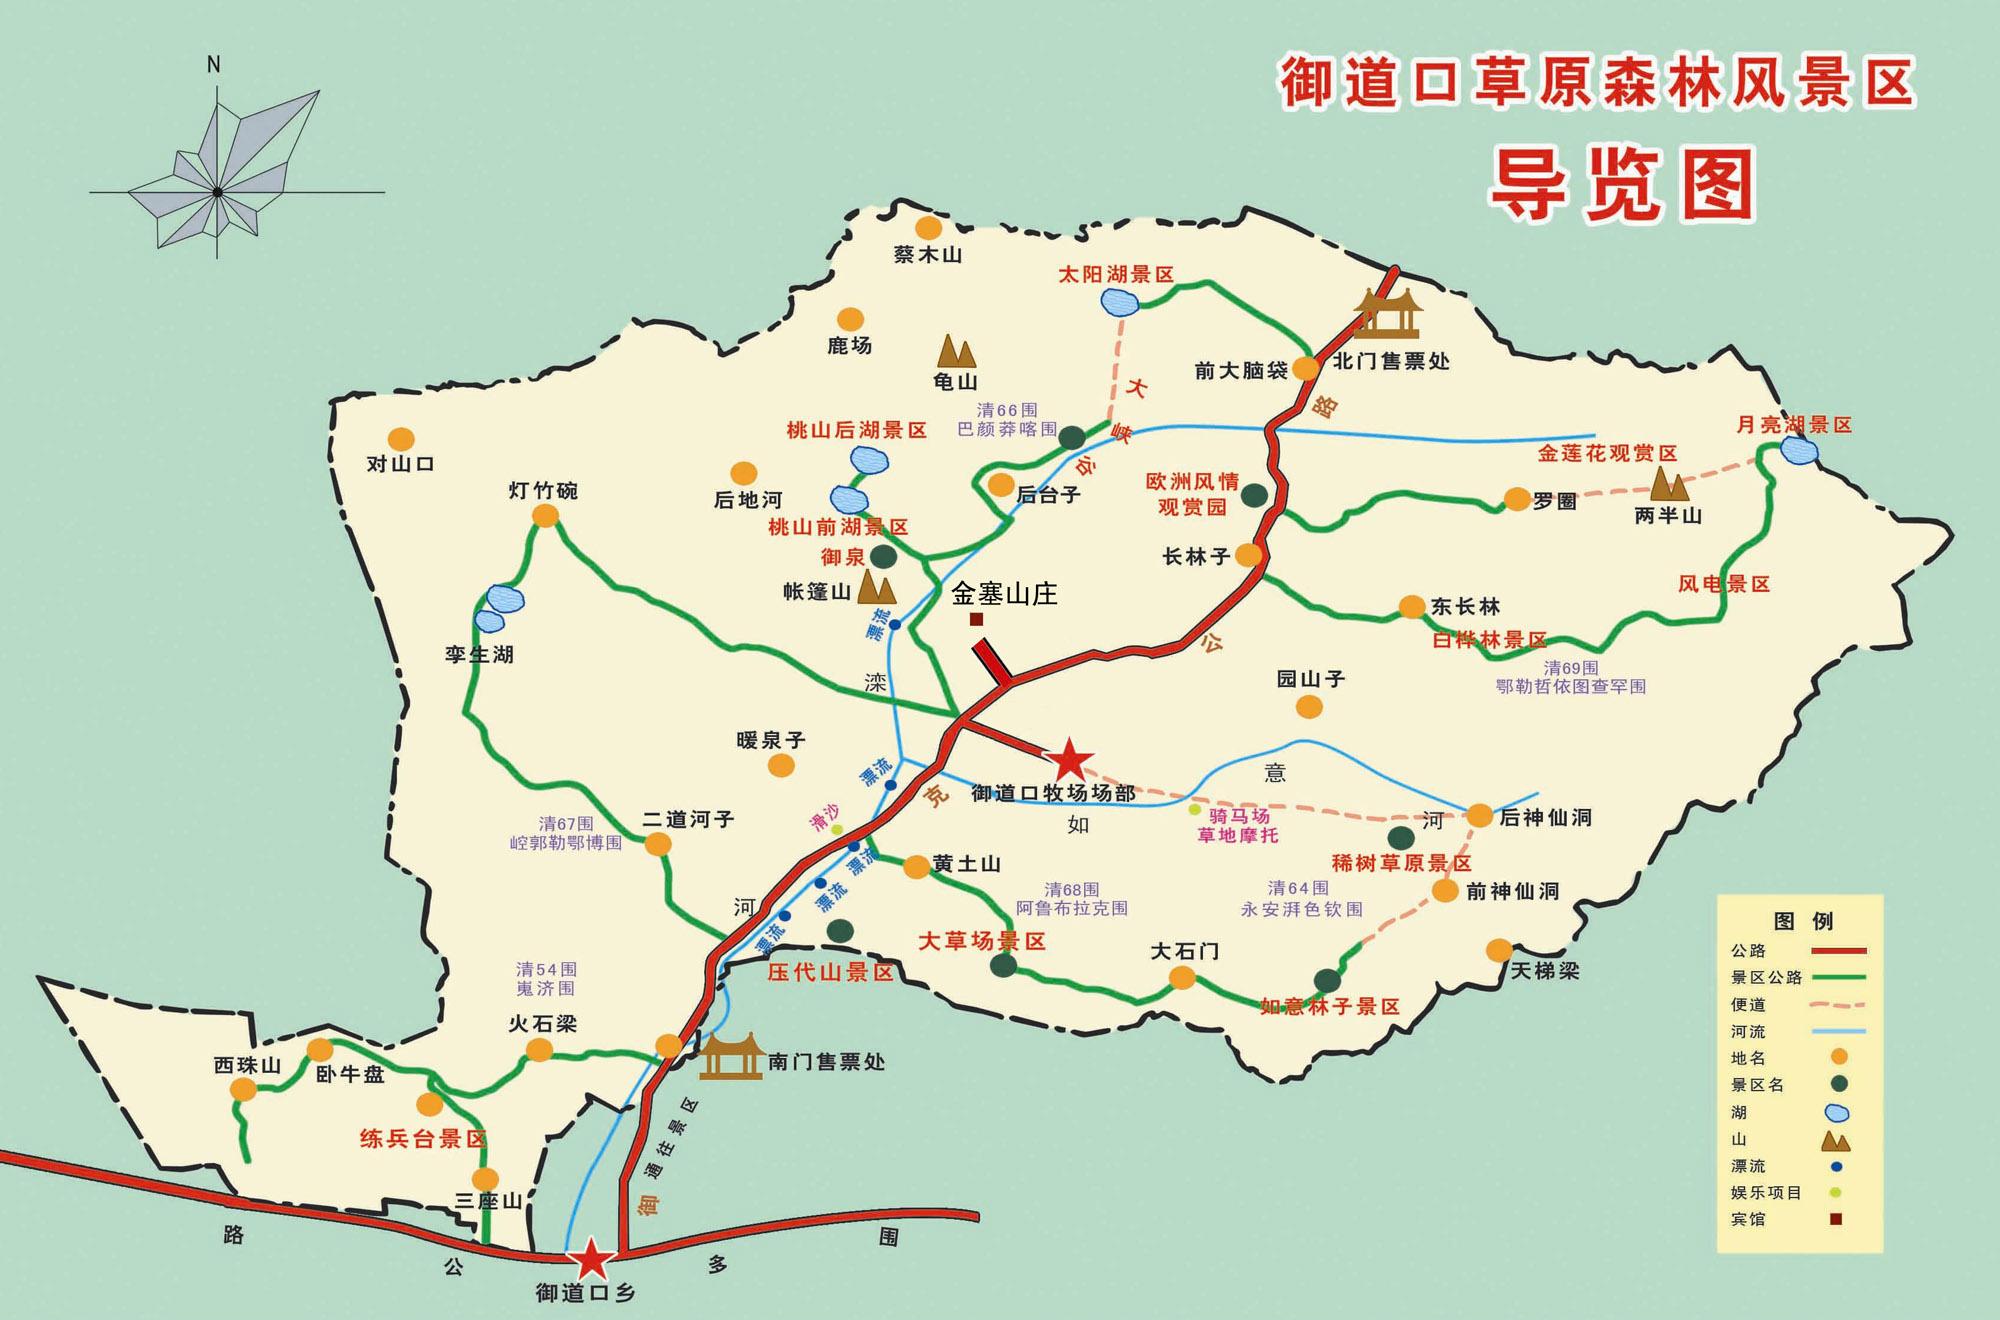 河南青年旅社,郑州旅行社,河 北坝 上草原